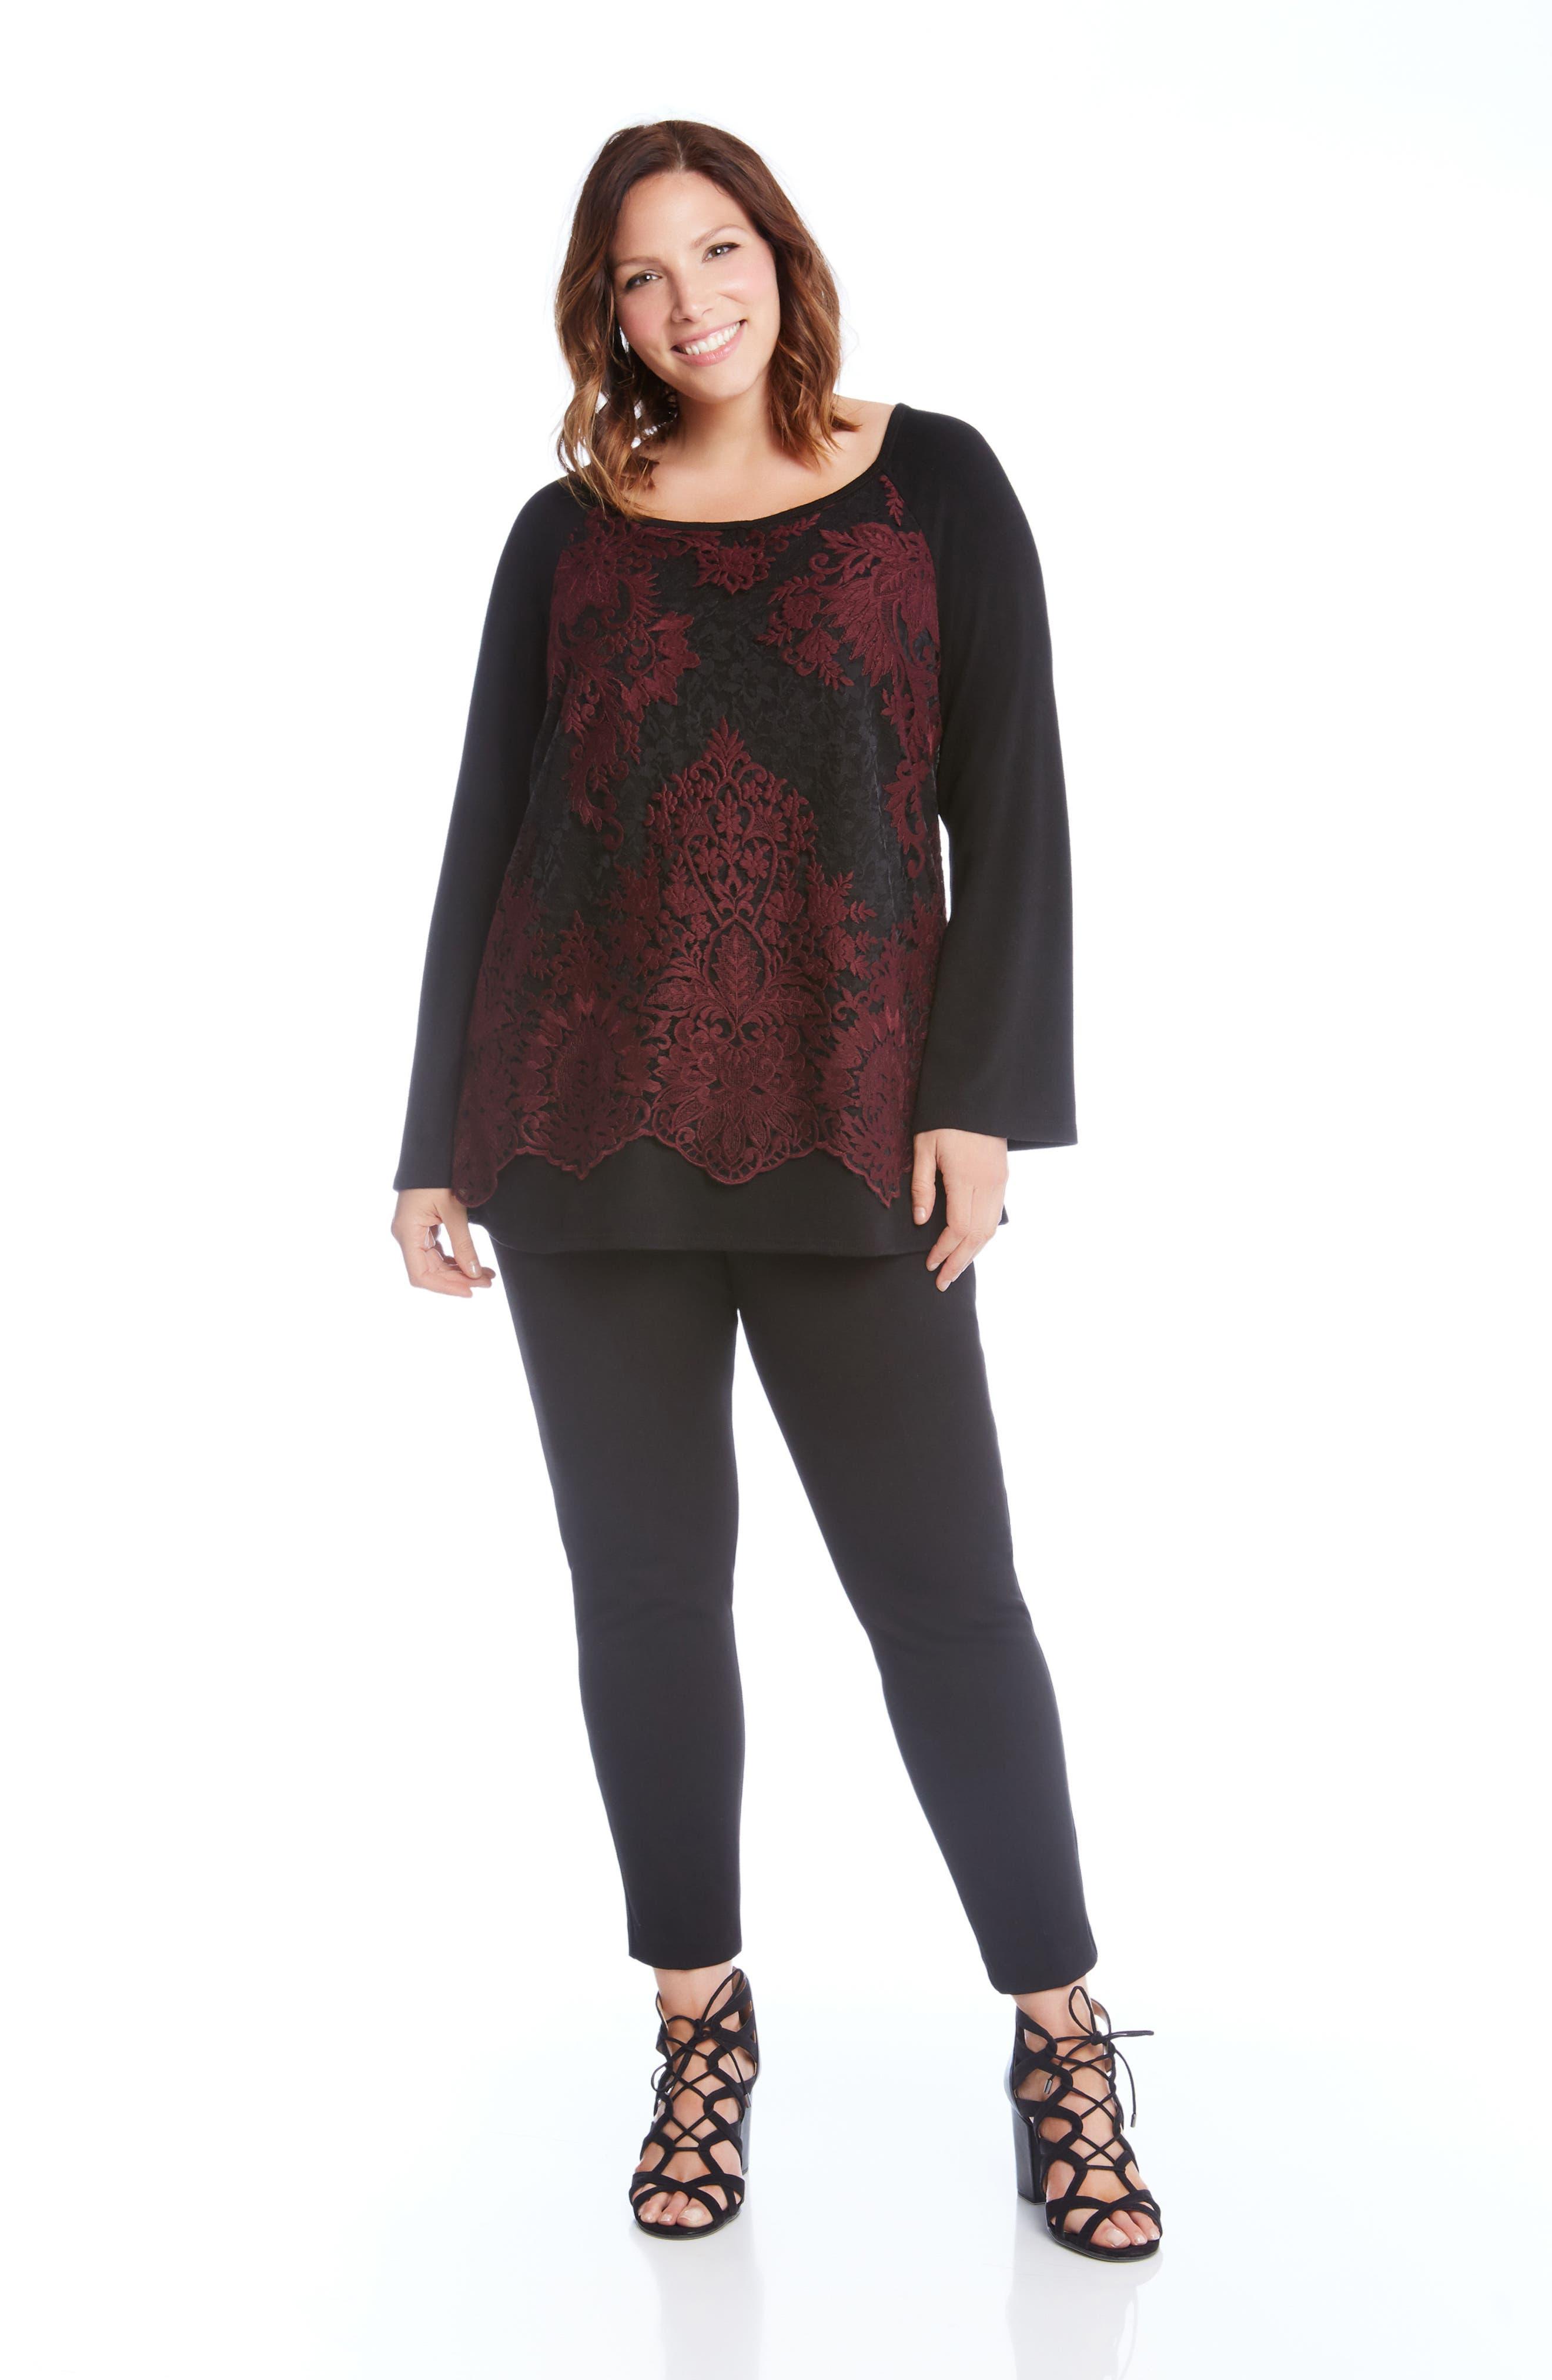 Alternate Image 2  - Karen Kane Lace Overlay Jersey Top (Plus Size)